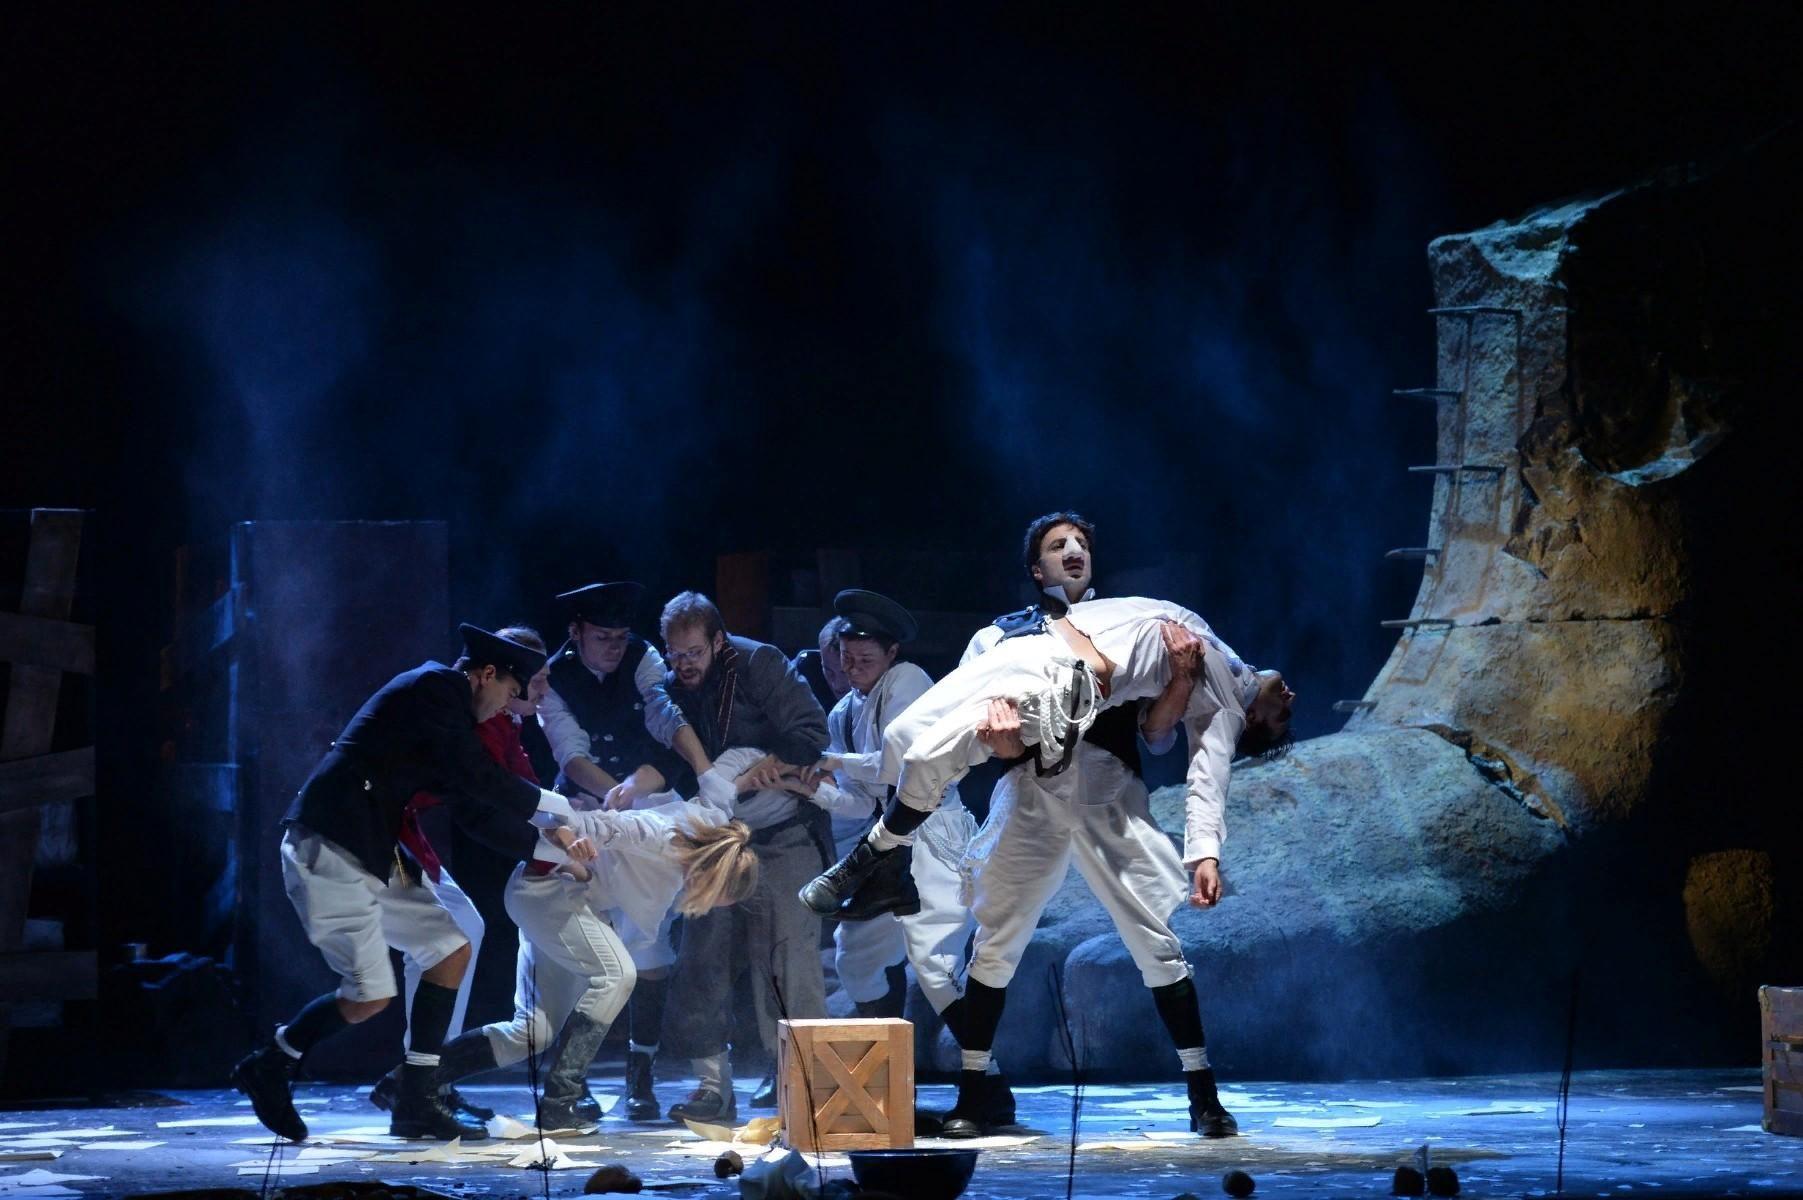 Спектакль «Сирано де Бержерак» в концертном зале «Дворец на Яузе» – события на сайте «Московские Сезоны»